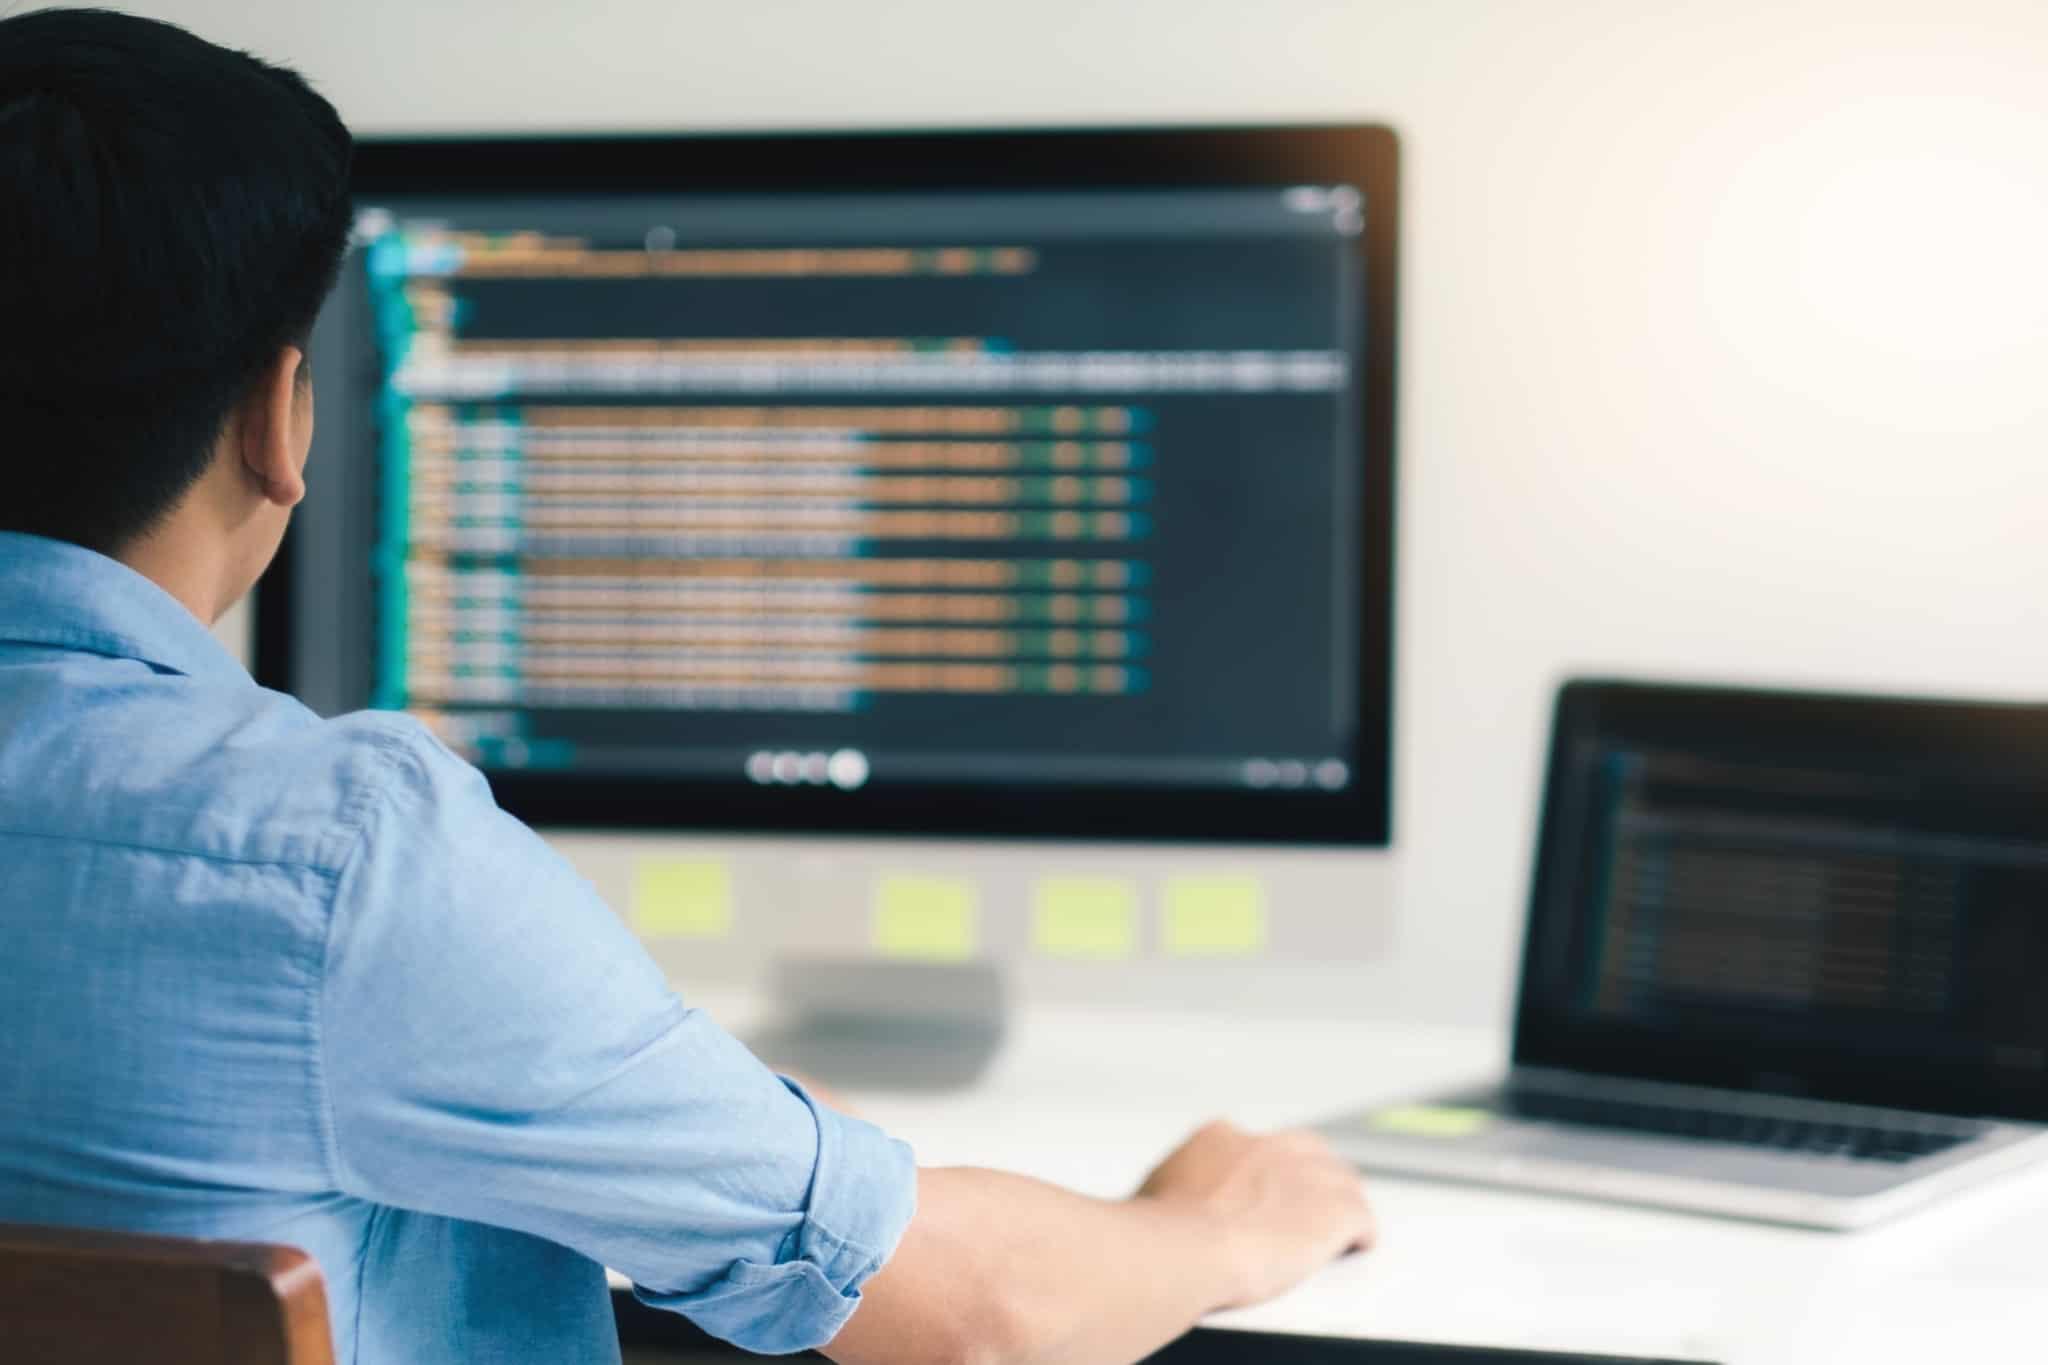 programador trabalha em software